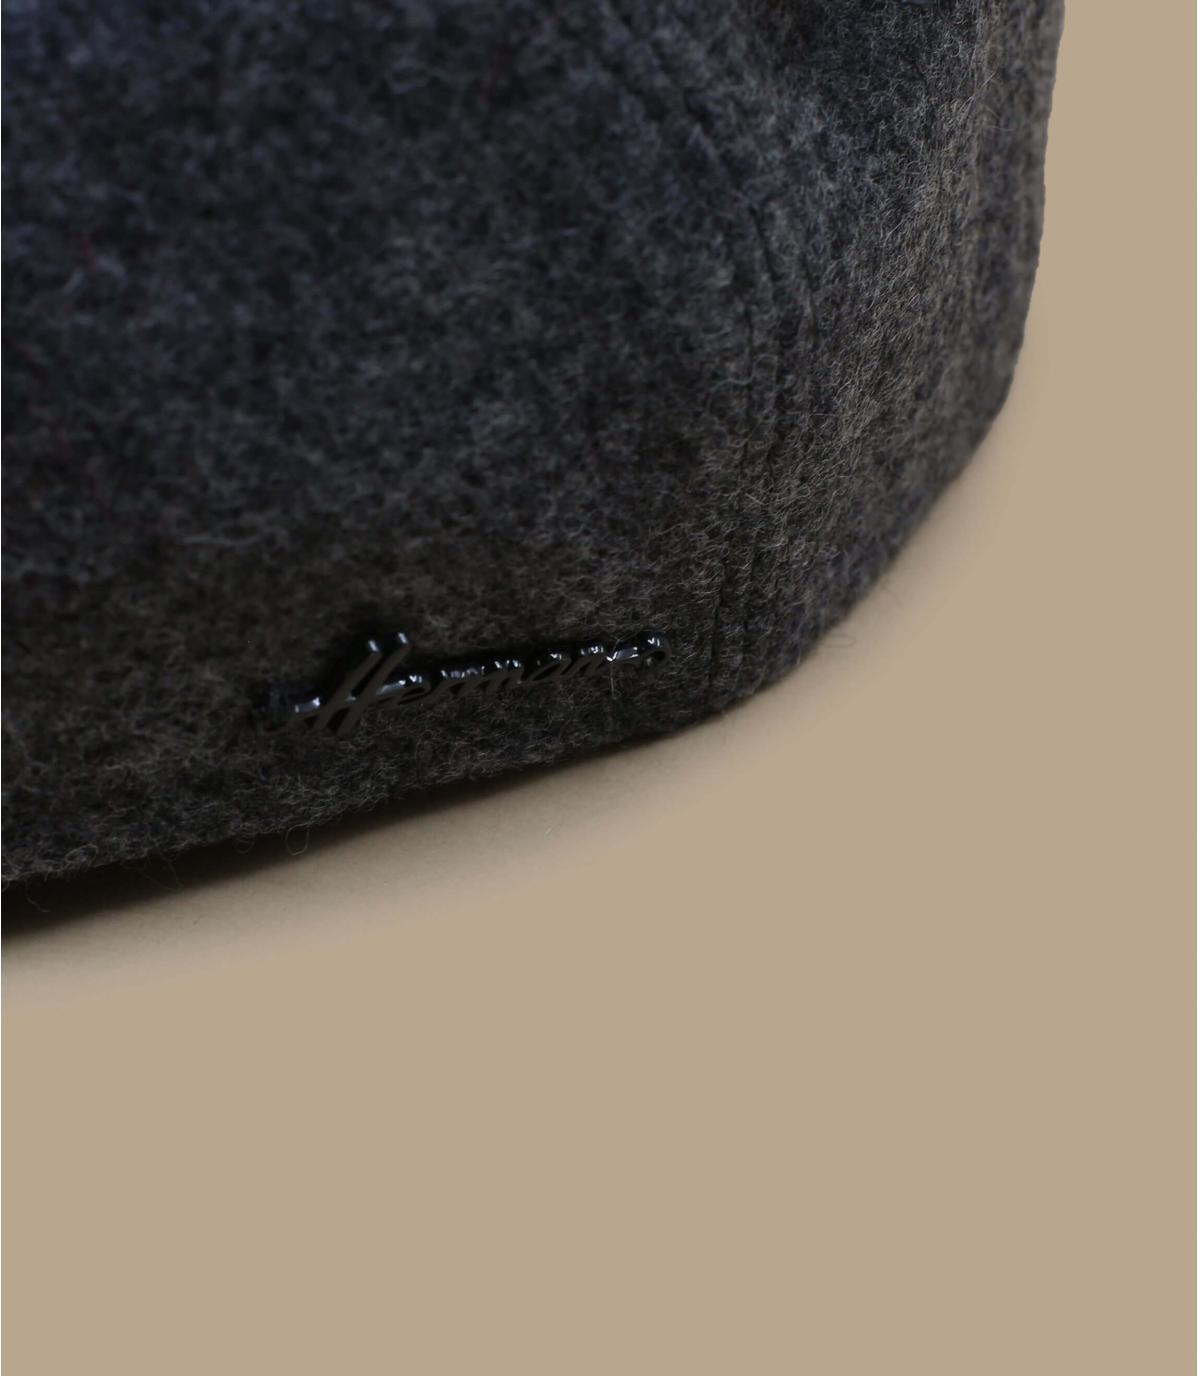 Dettagli Hill wool EF grey - image 2